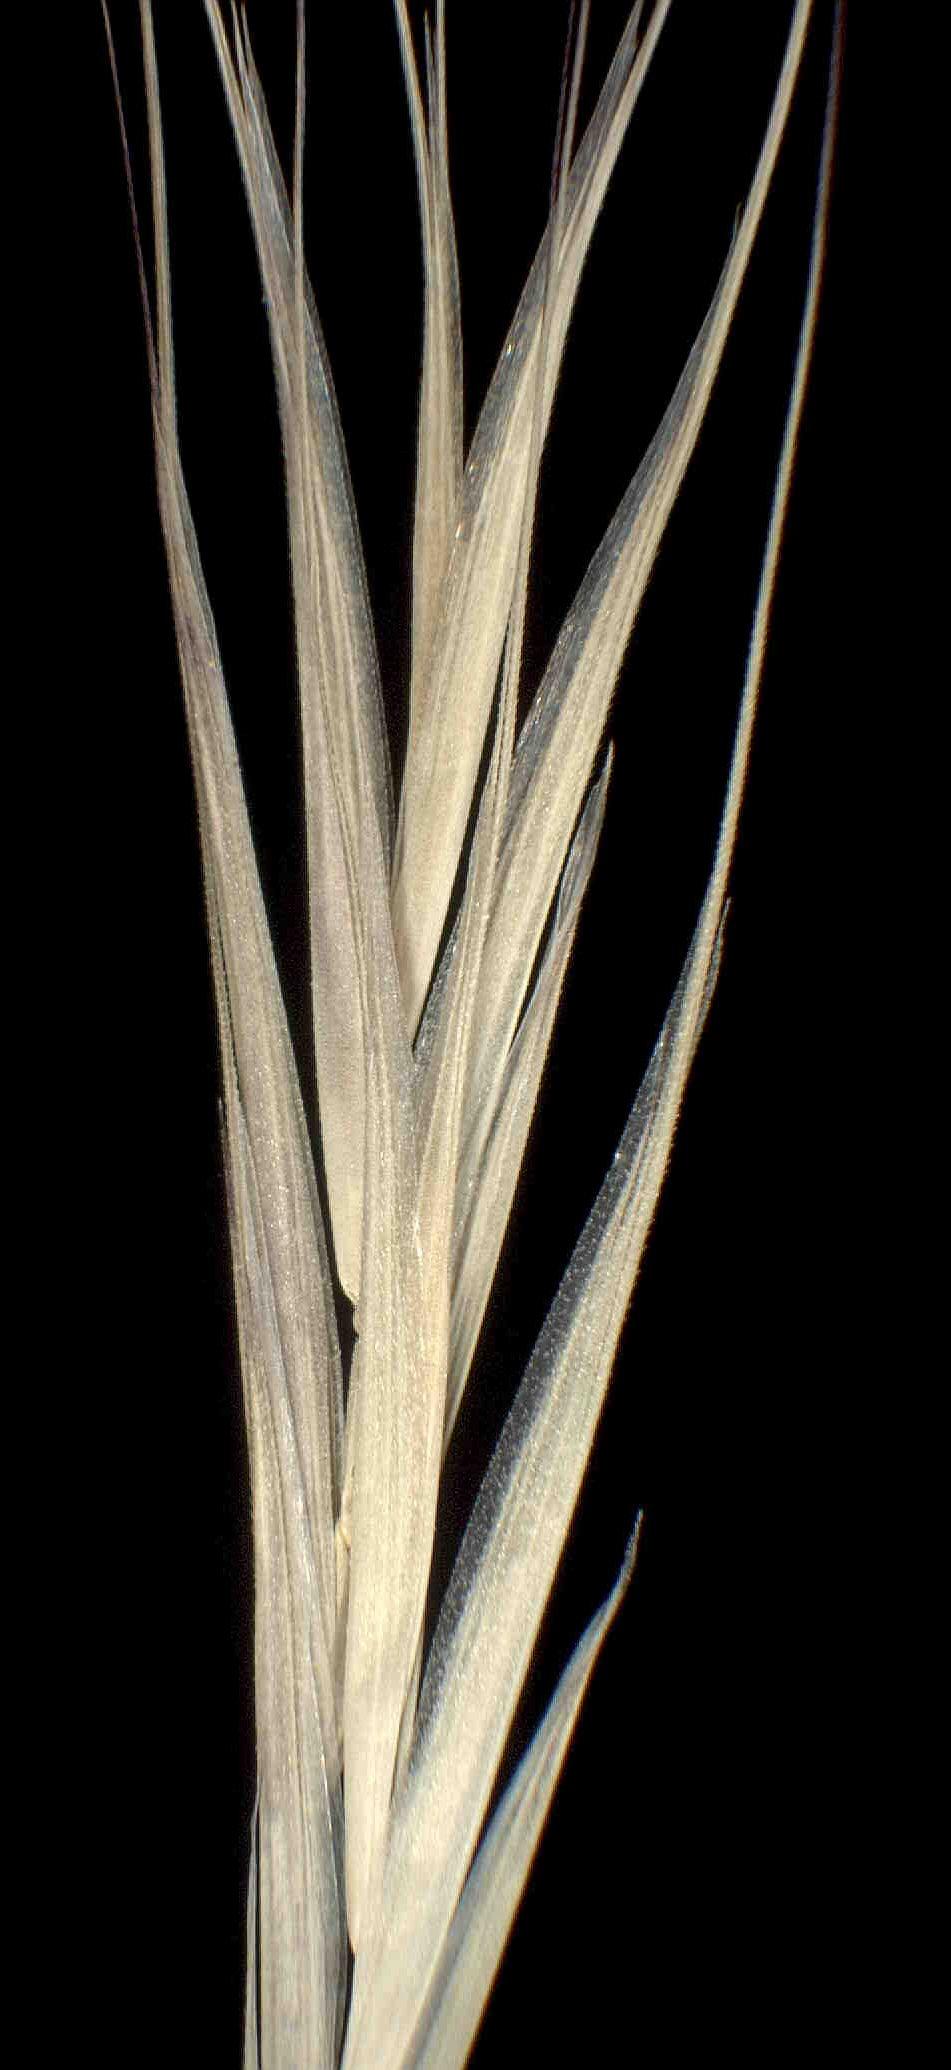 © Dipartimento di Scienze della Vita, Università degli Studi di Trieste<br>by Andrea Moro<br>Comune di Manfredogna, margine del centro abitato., FG, Puglia, Italia, 24/11/04 0.00.00<br>Distributed under CC-BY-SA 4.0 license.